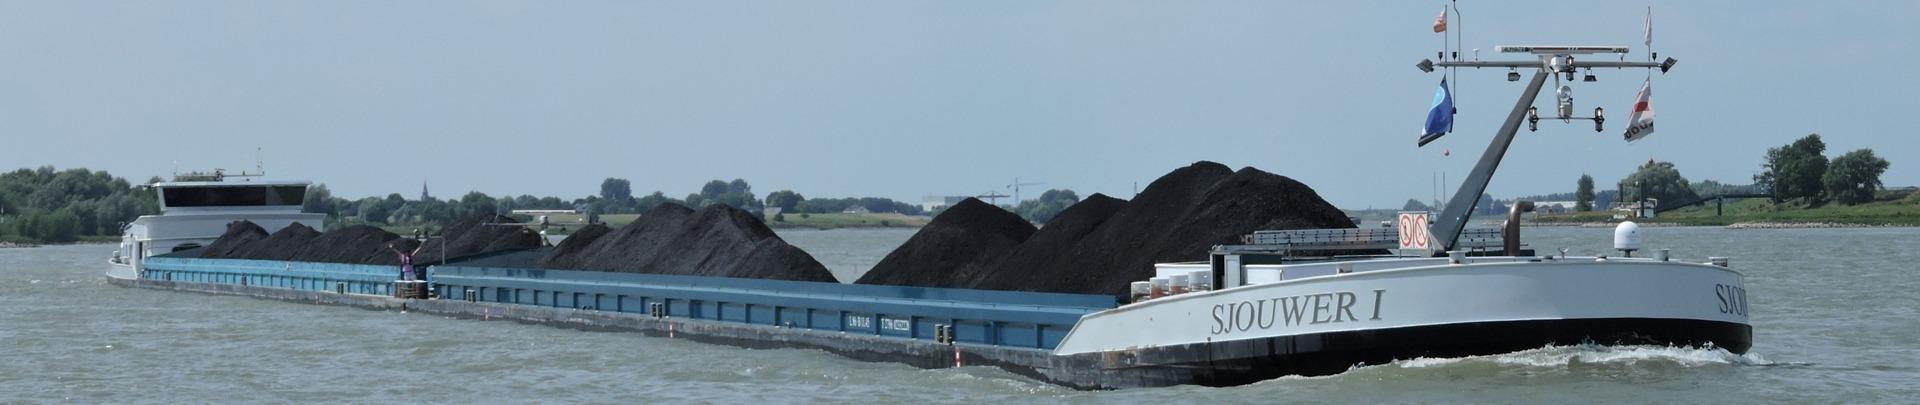 Suytbroeck Advies Binnenvaart Sjouwer